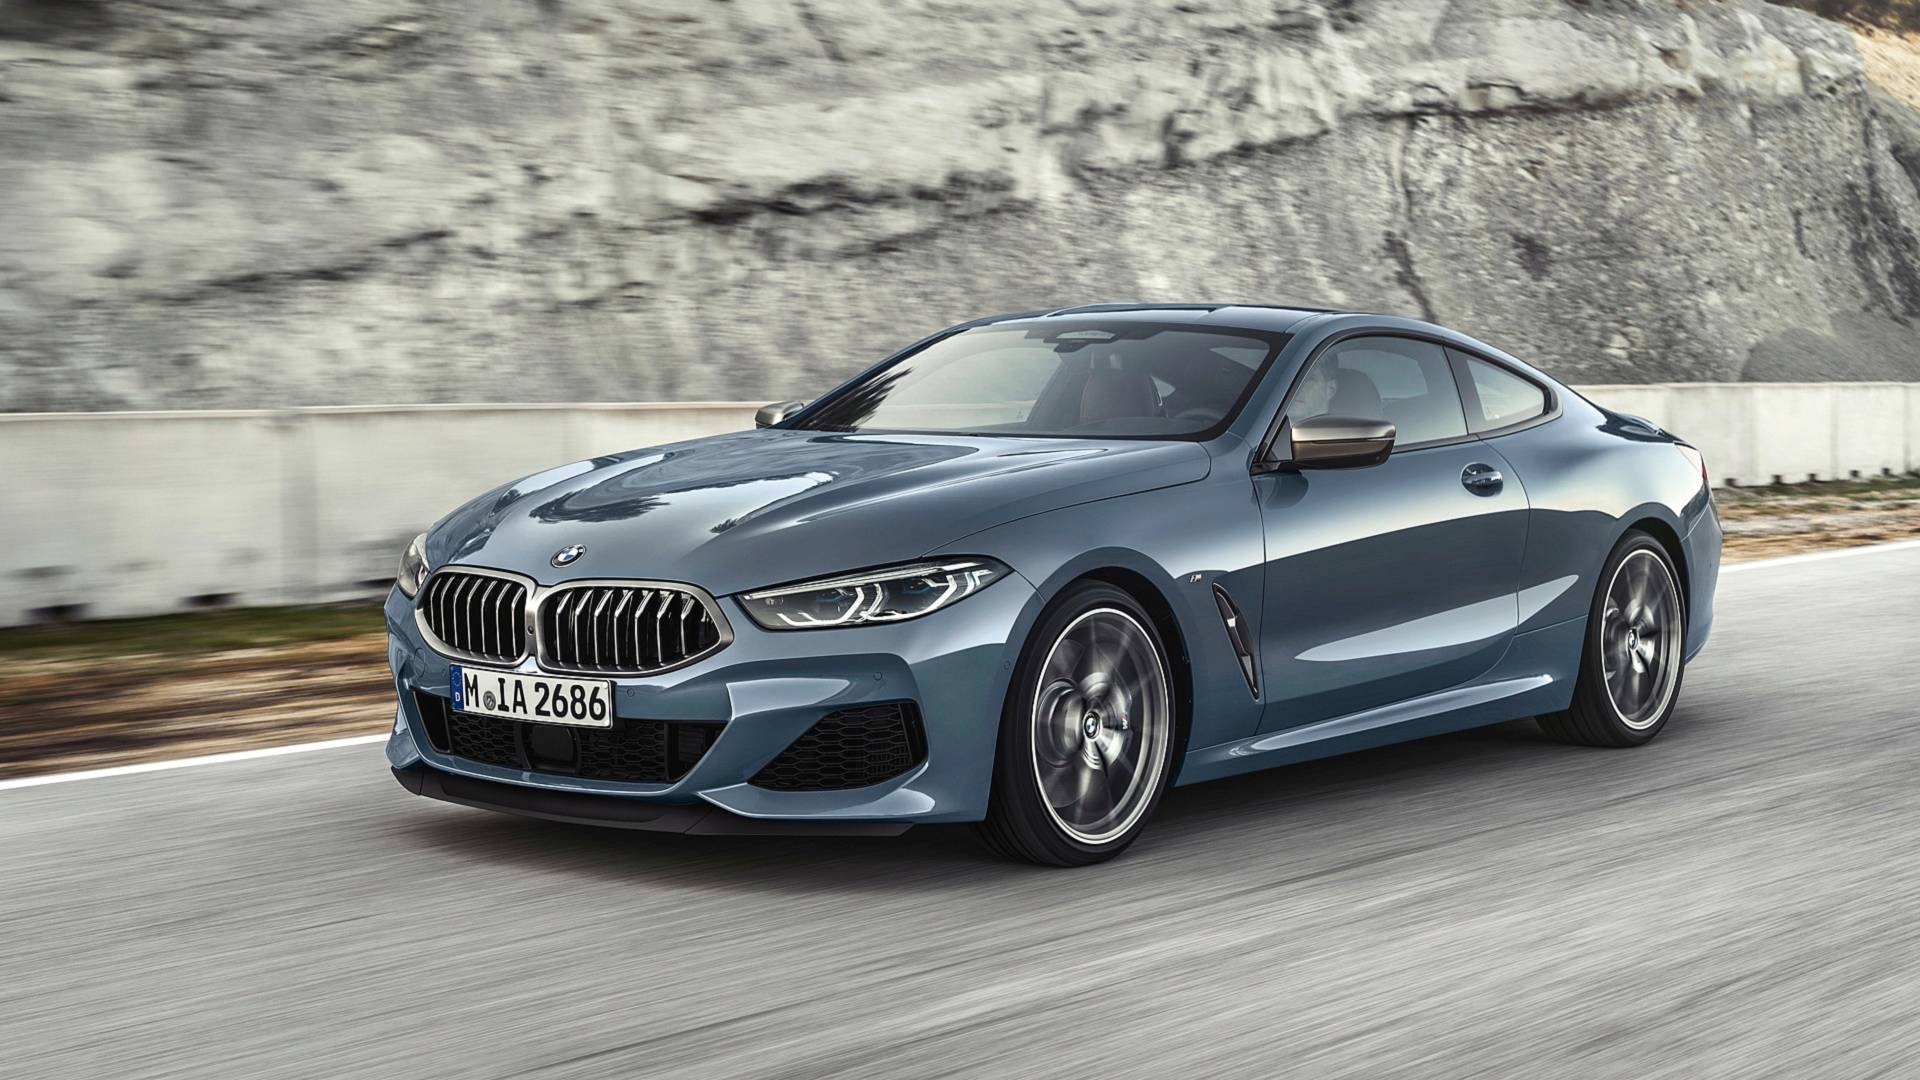 Novo BMW Série 8 Coupé finalmente apresentado